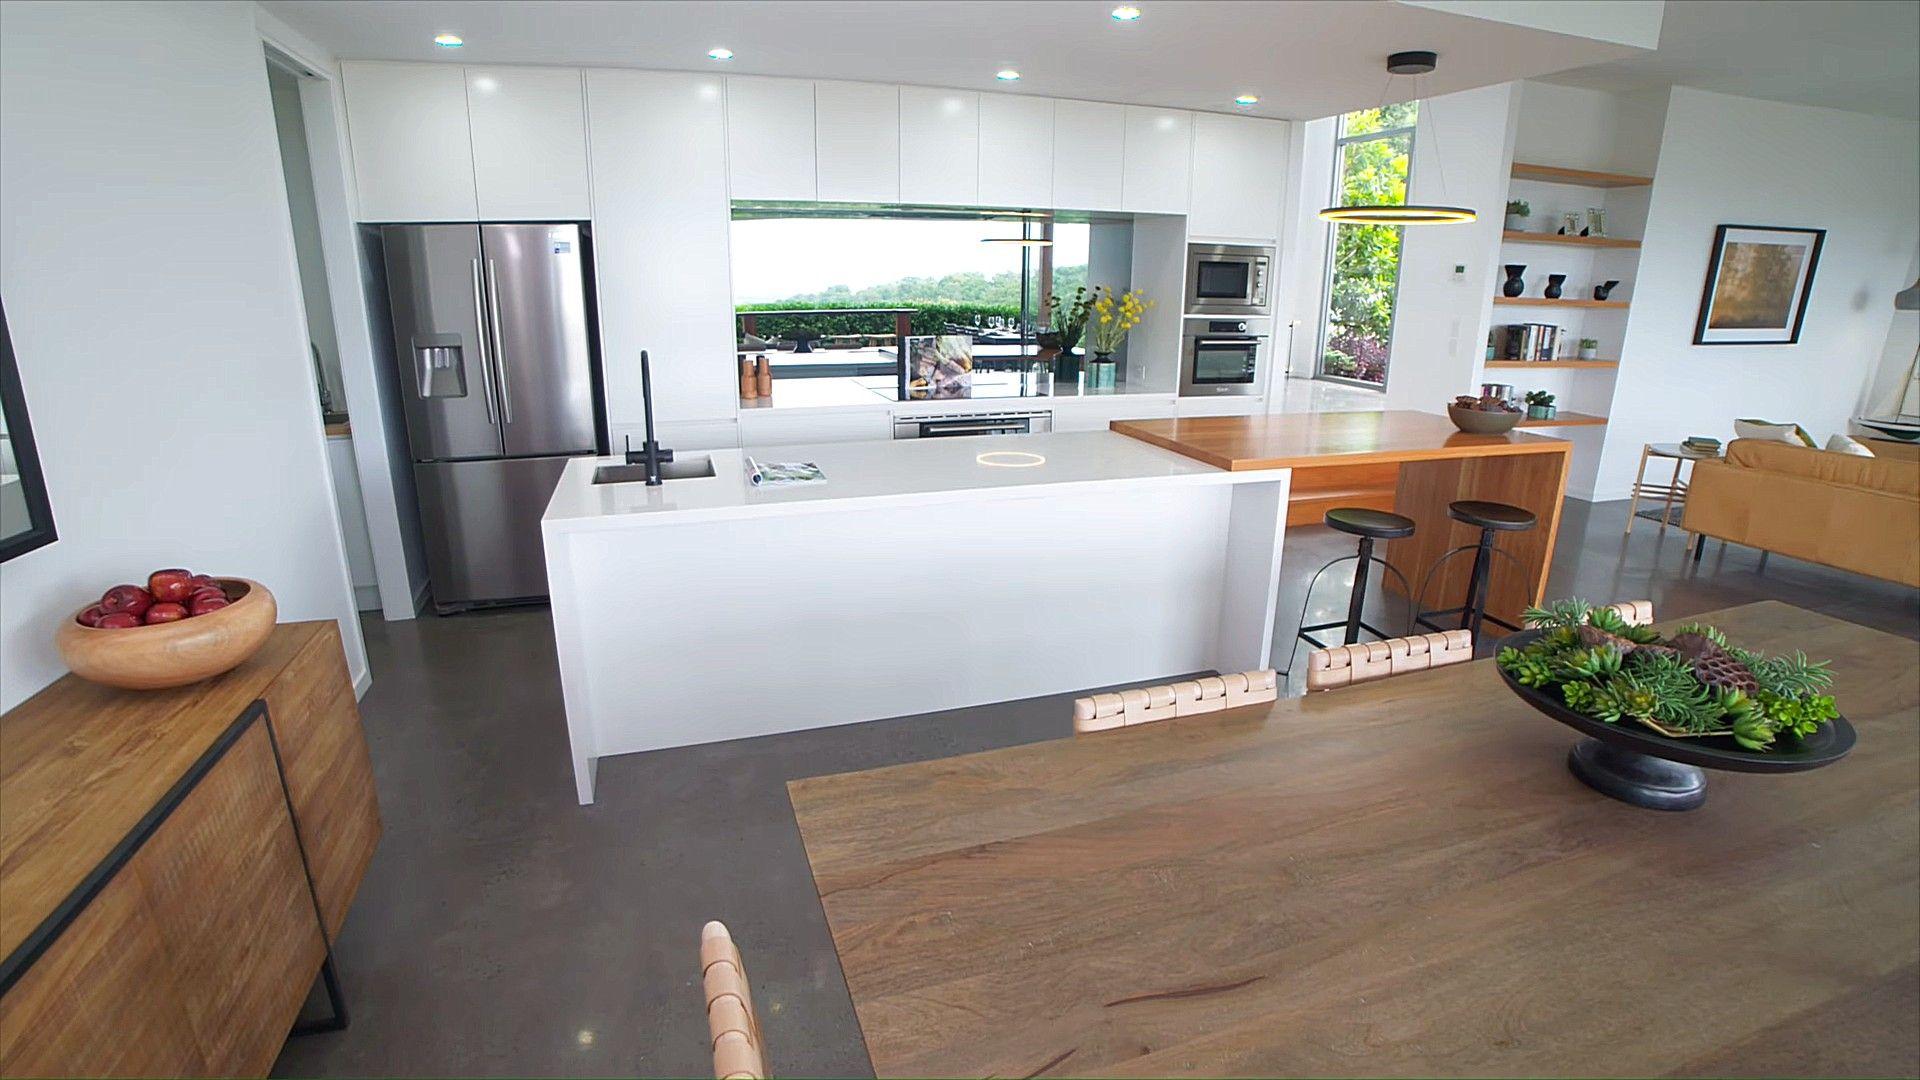 Zweifarbige Kücheninsel Aus Holz Mit Geschirrspüler Home